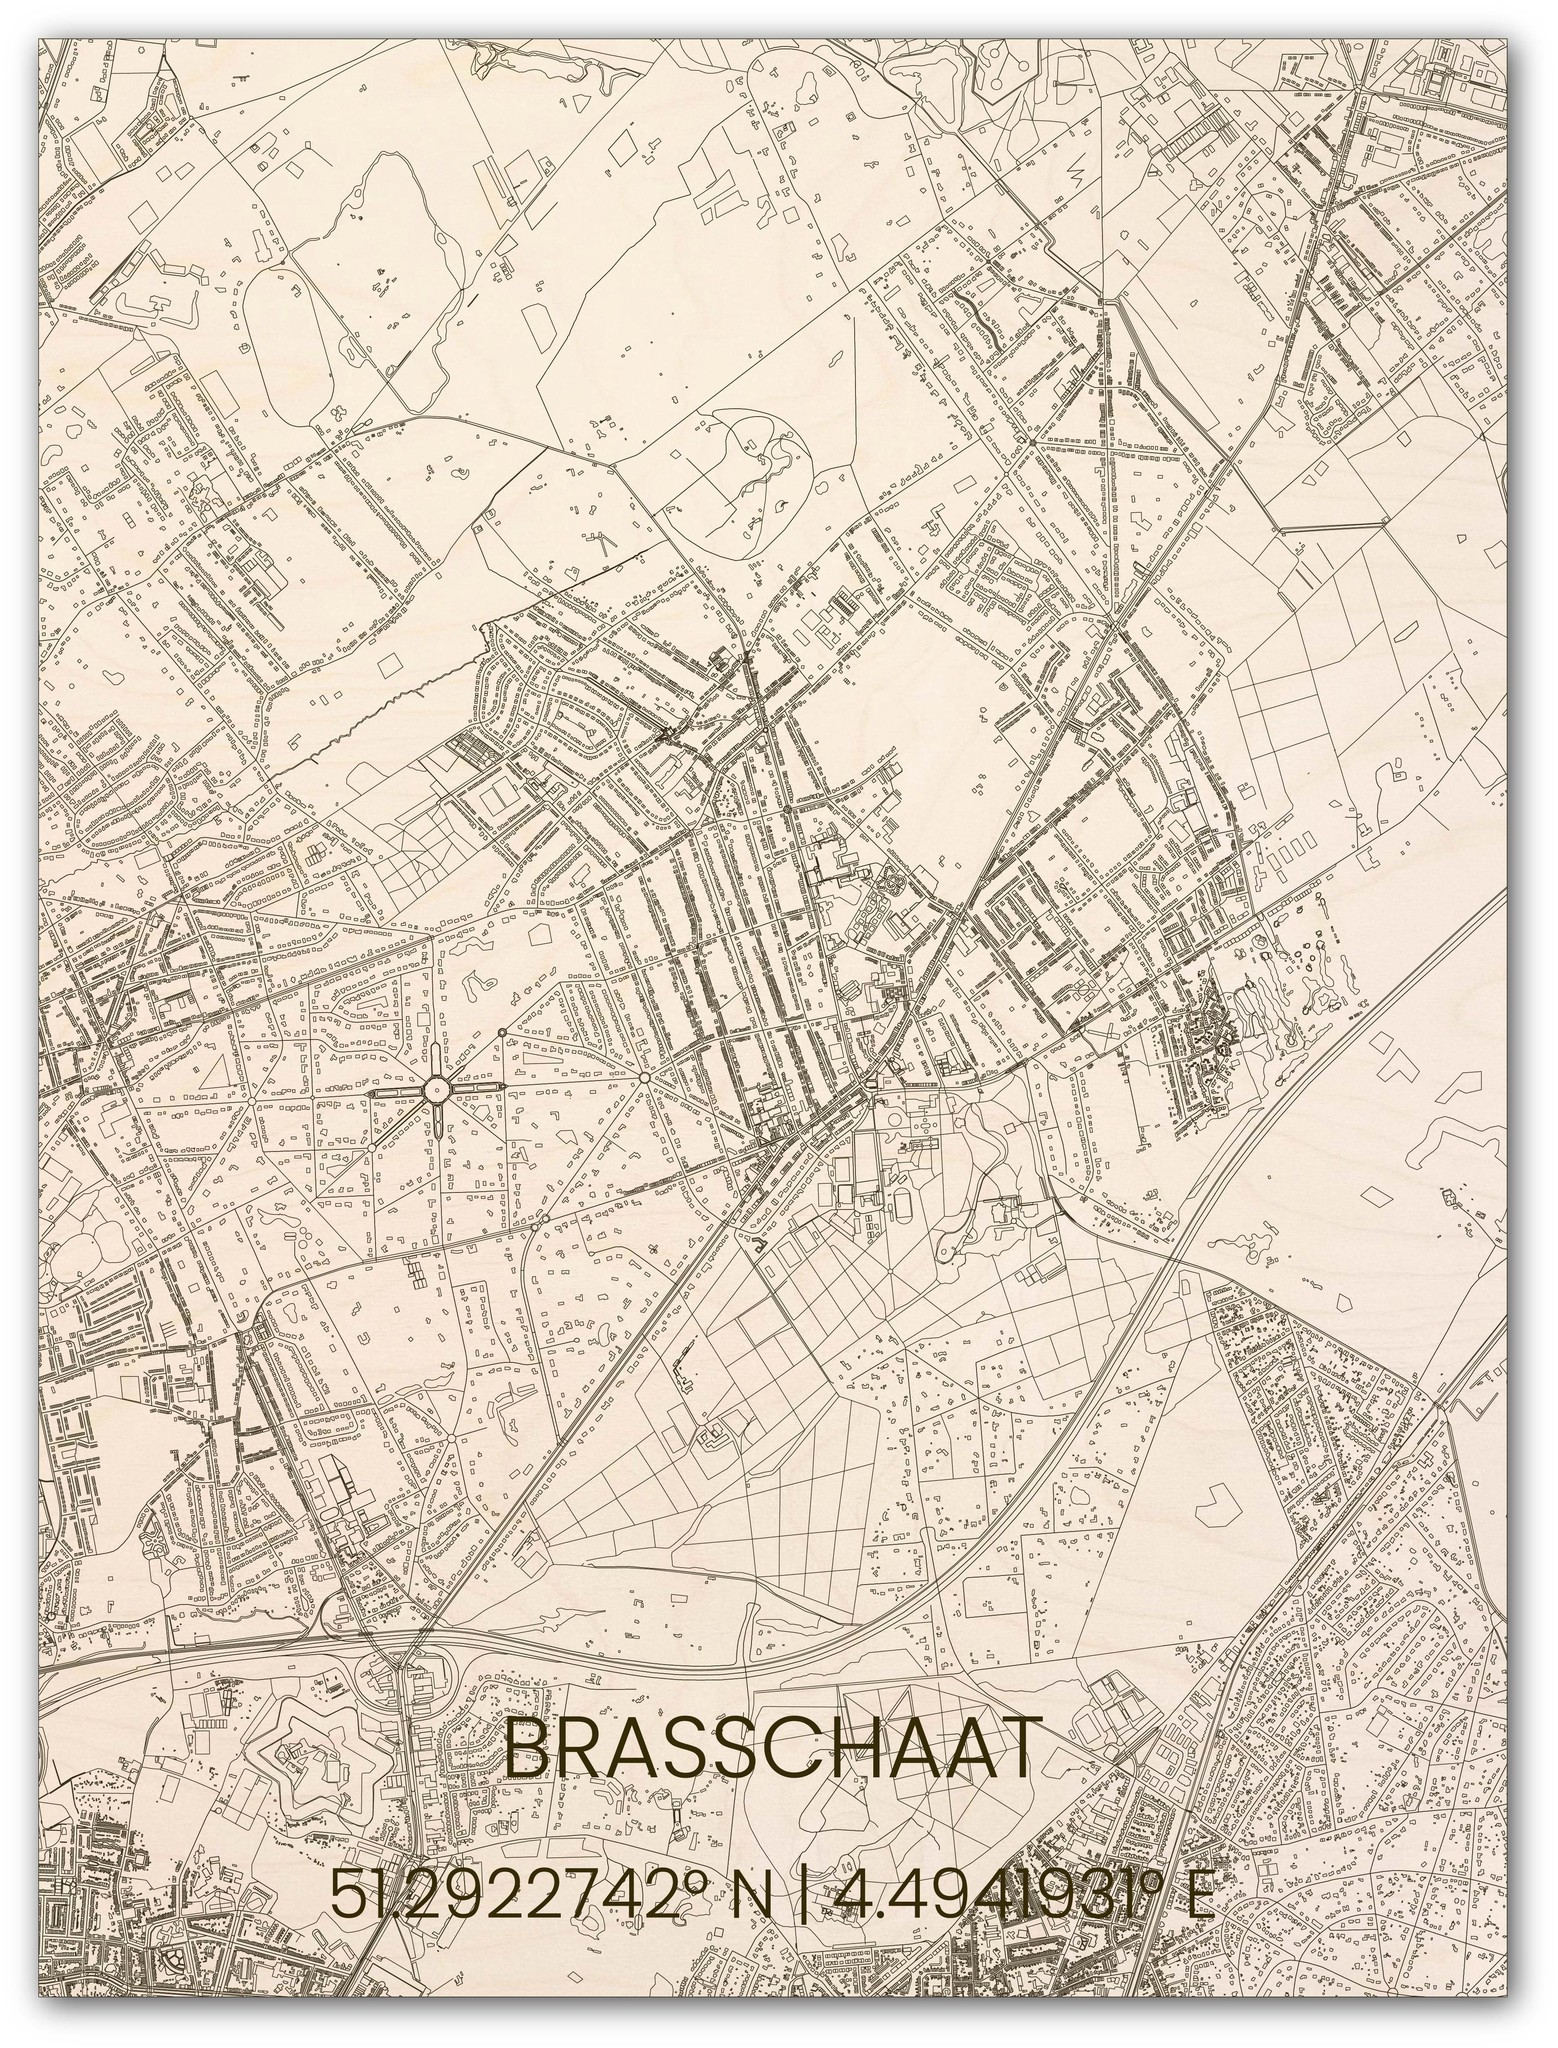 Houten stadsplattegrond Brasschaat-1